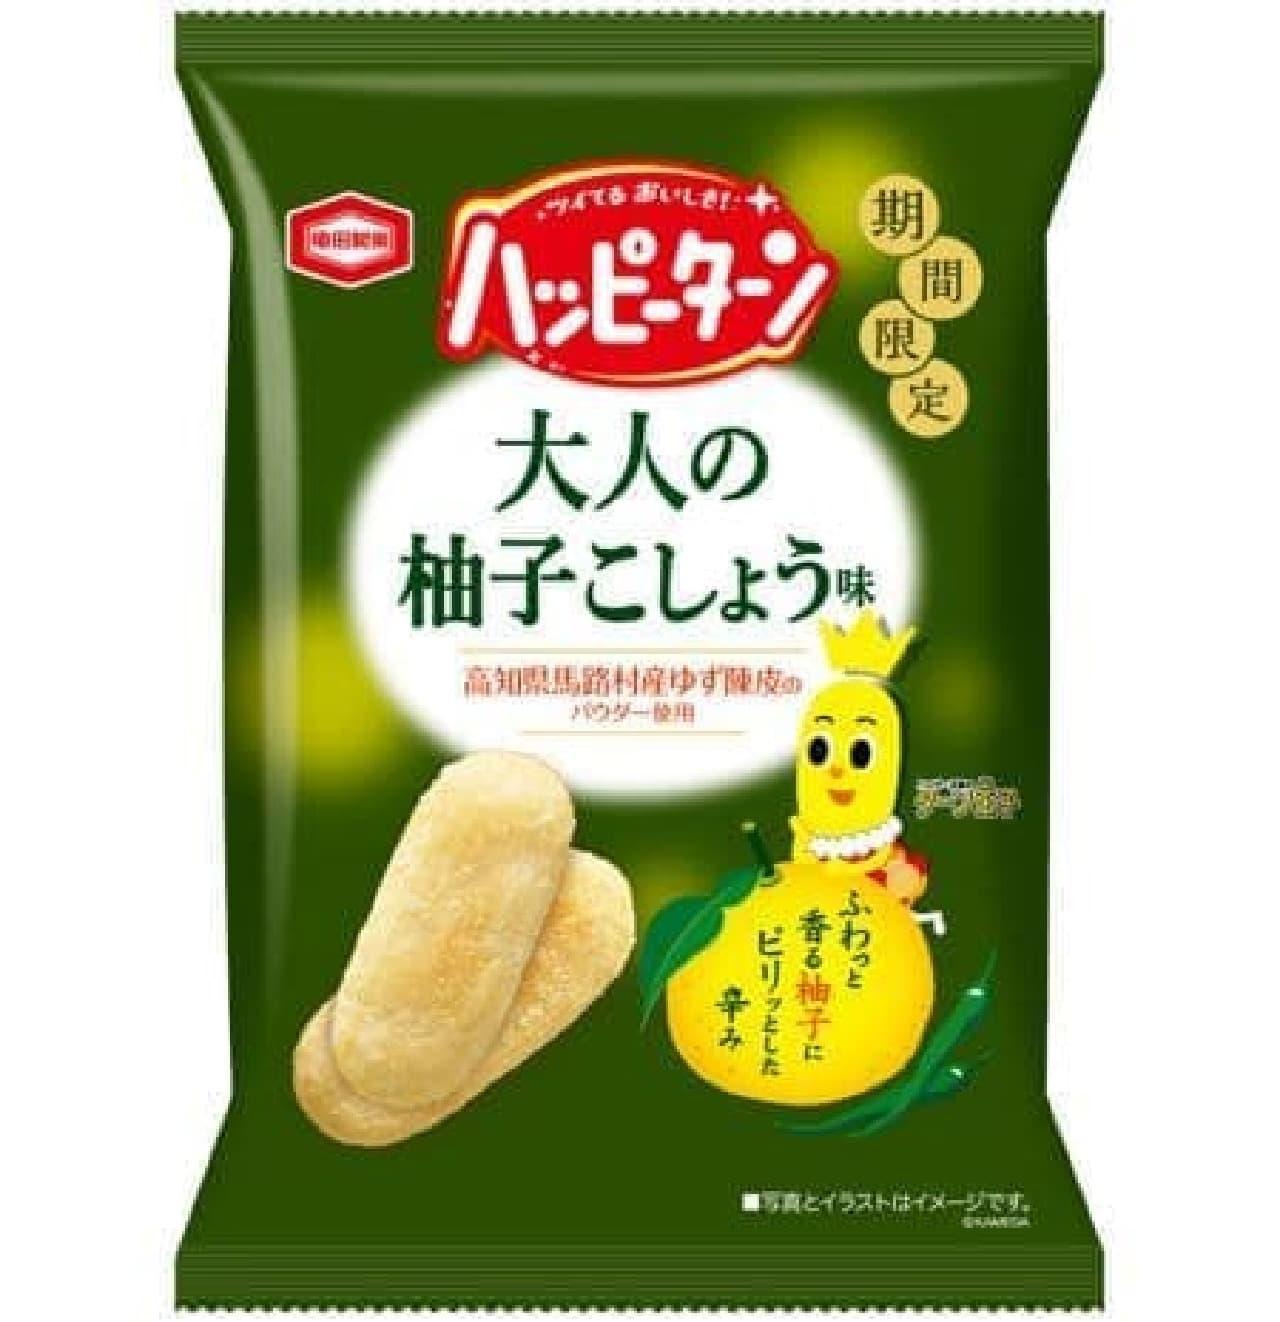 「ハッピーターン大人の柚子こしょう味」は、柚子こしょう味の特製ハッピーパウダーが使われたハッピーターン